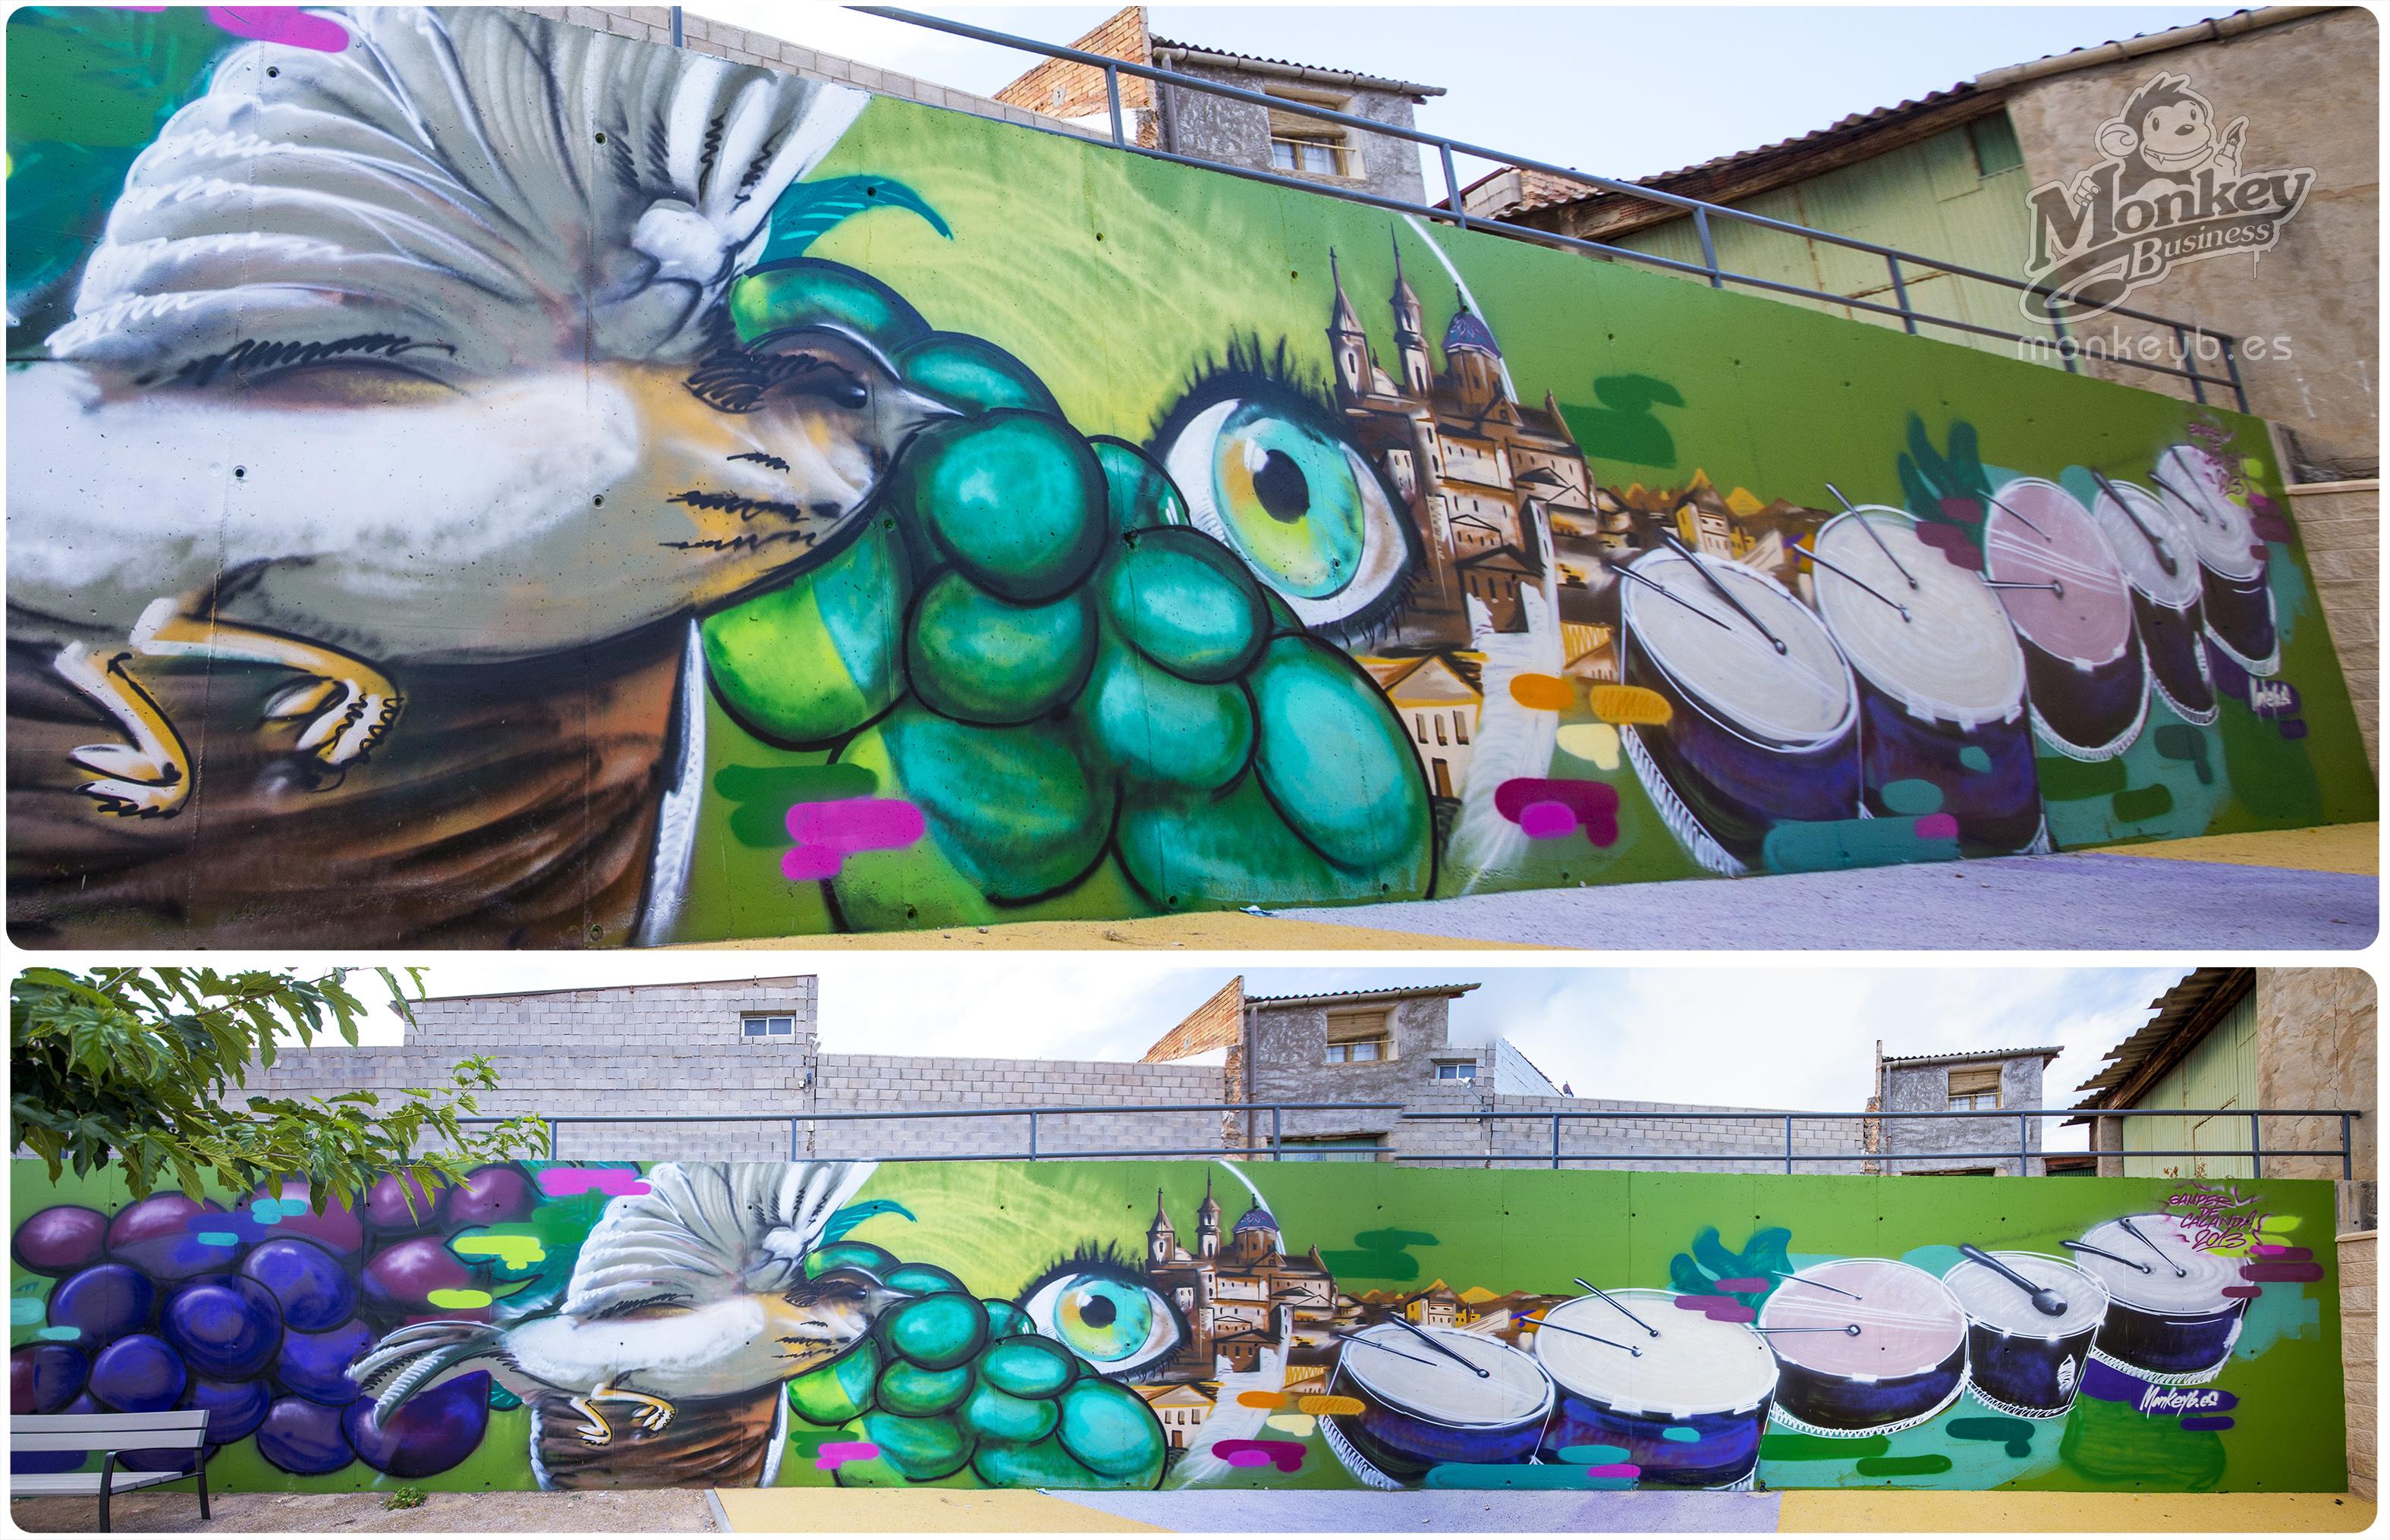 Pintado en Vivo en las fiestas de Samper de Calanda - Monkeyb Murales 58bf349fefa